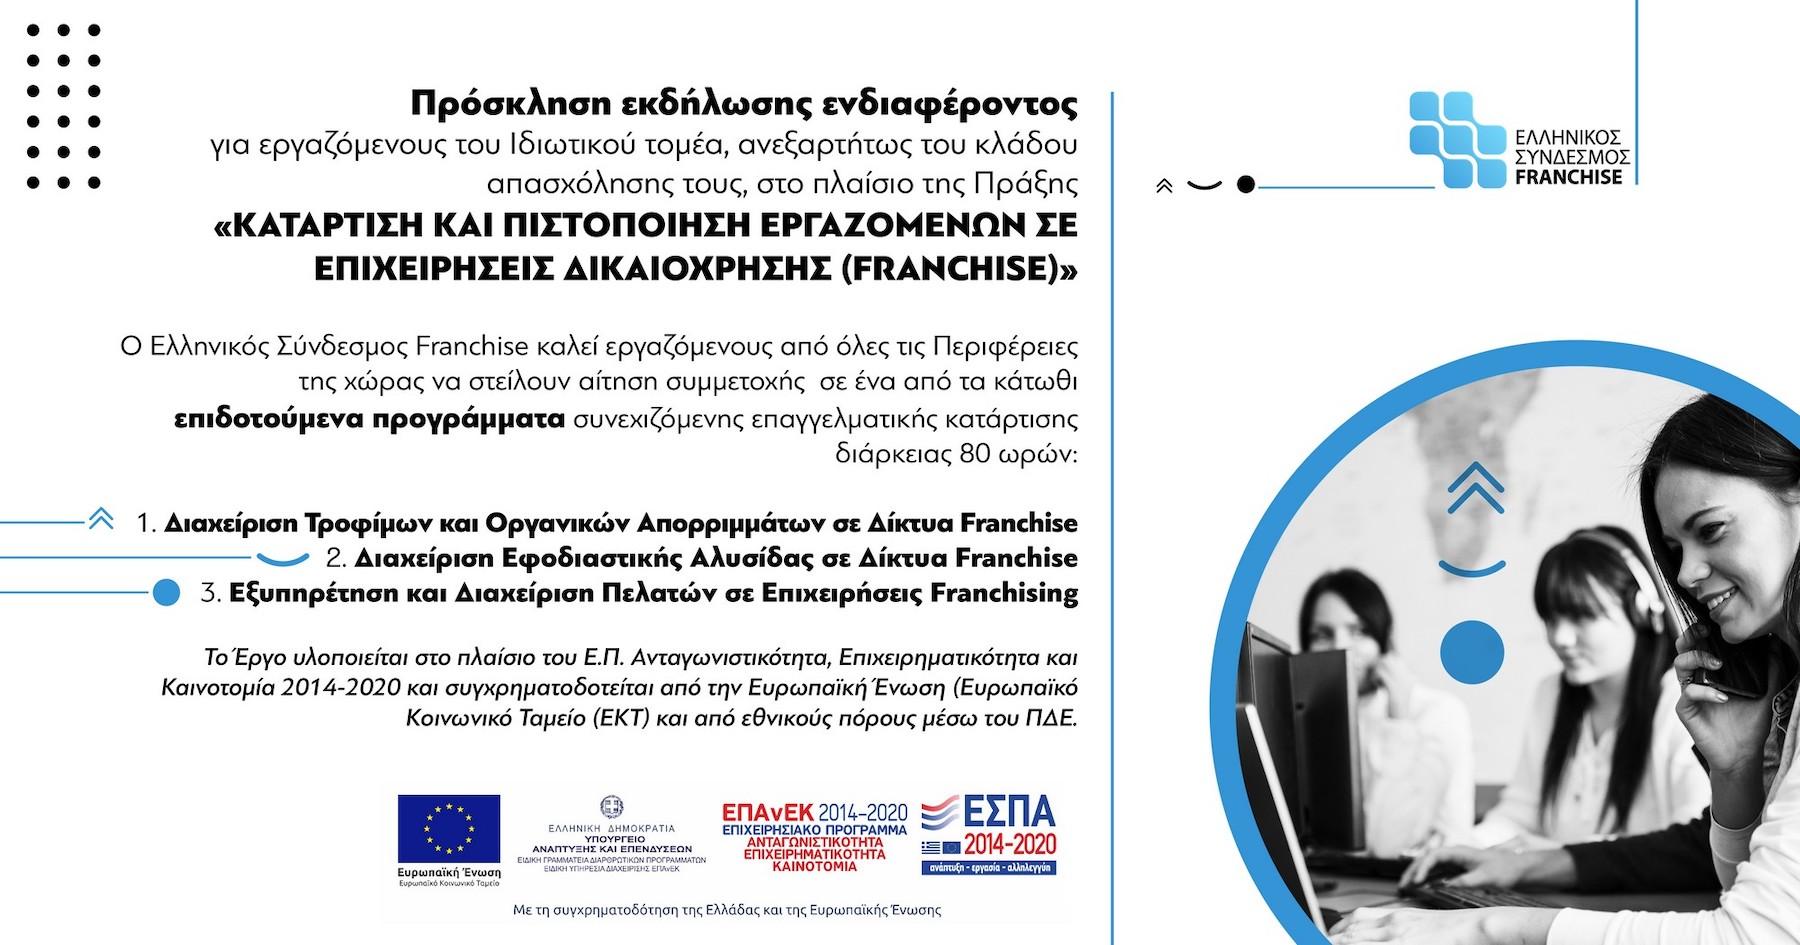 Πρόσκληση Εκδήλωσης Ενδιαφέροντος για τη Συμμετοχή Εργαζομένων του Ιδιωτικού Τομέα σε Δράσεις Κατάρτισης και Πιστοποίησης – Μάϊος 2020